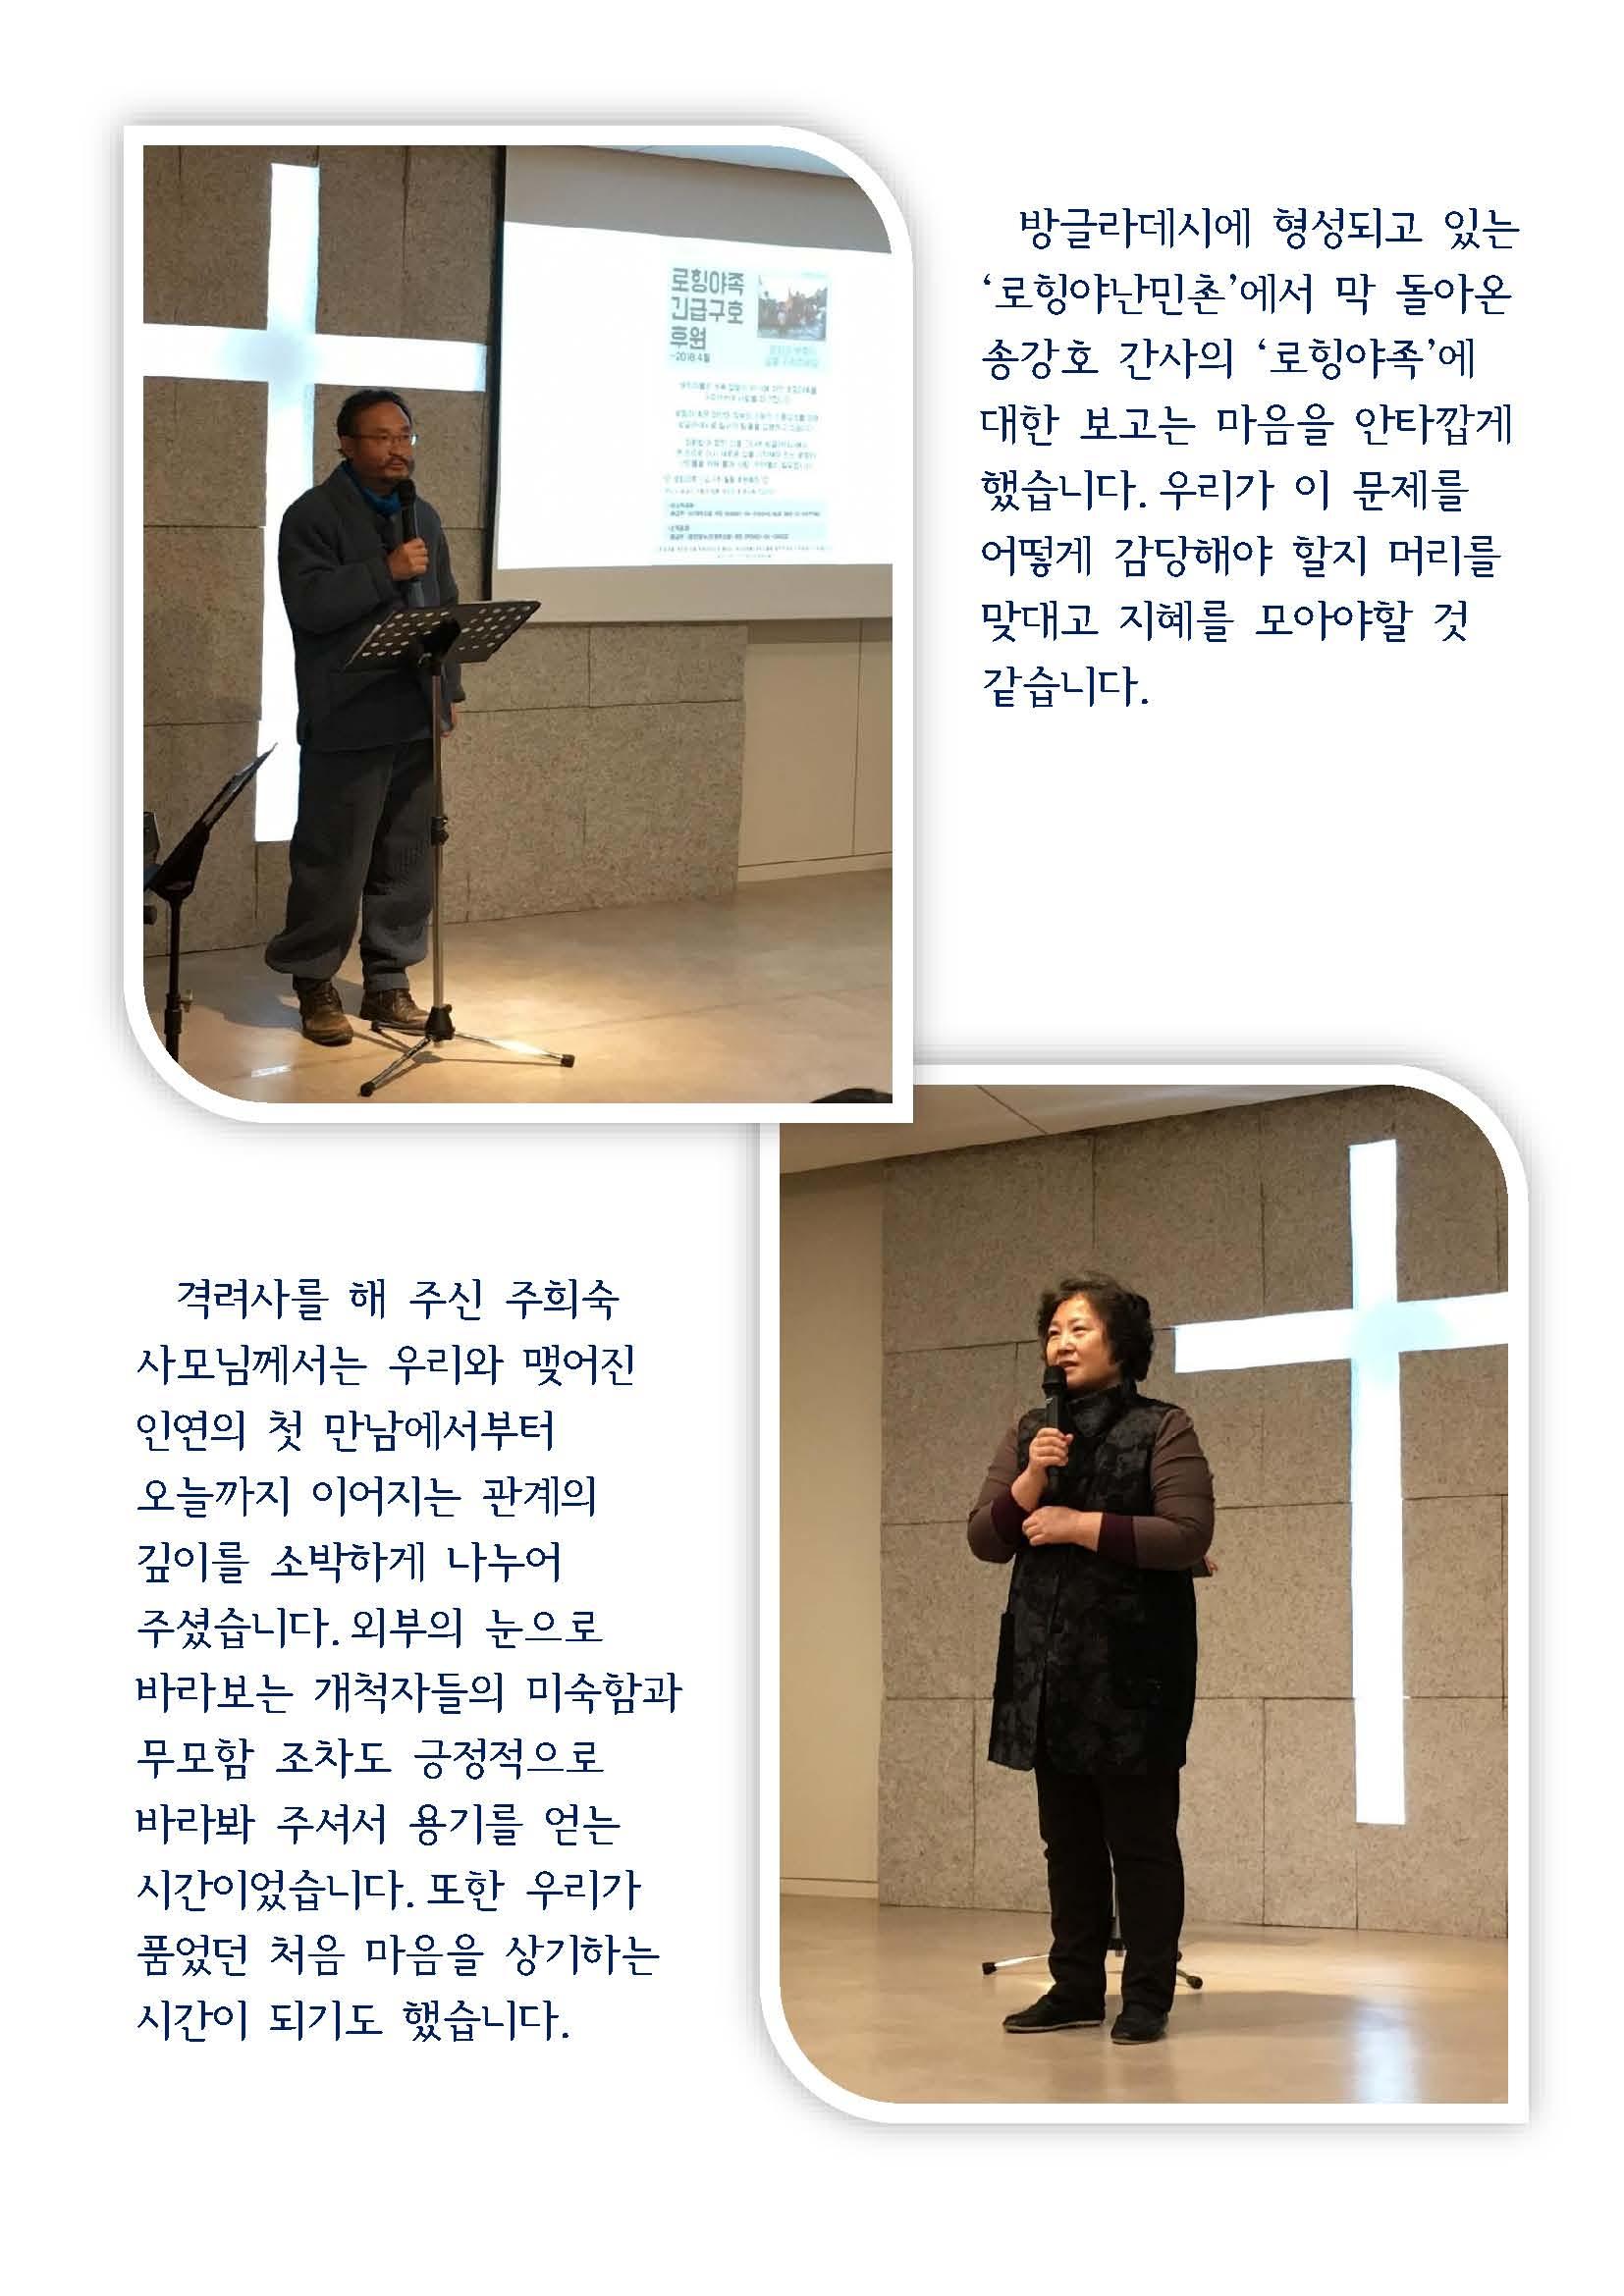 2017 사역보고 및 감사의 밤 후기_페이지_5.jpg